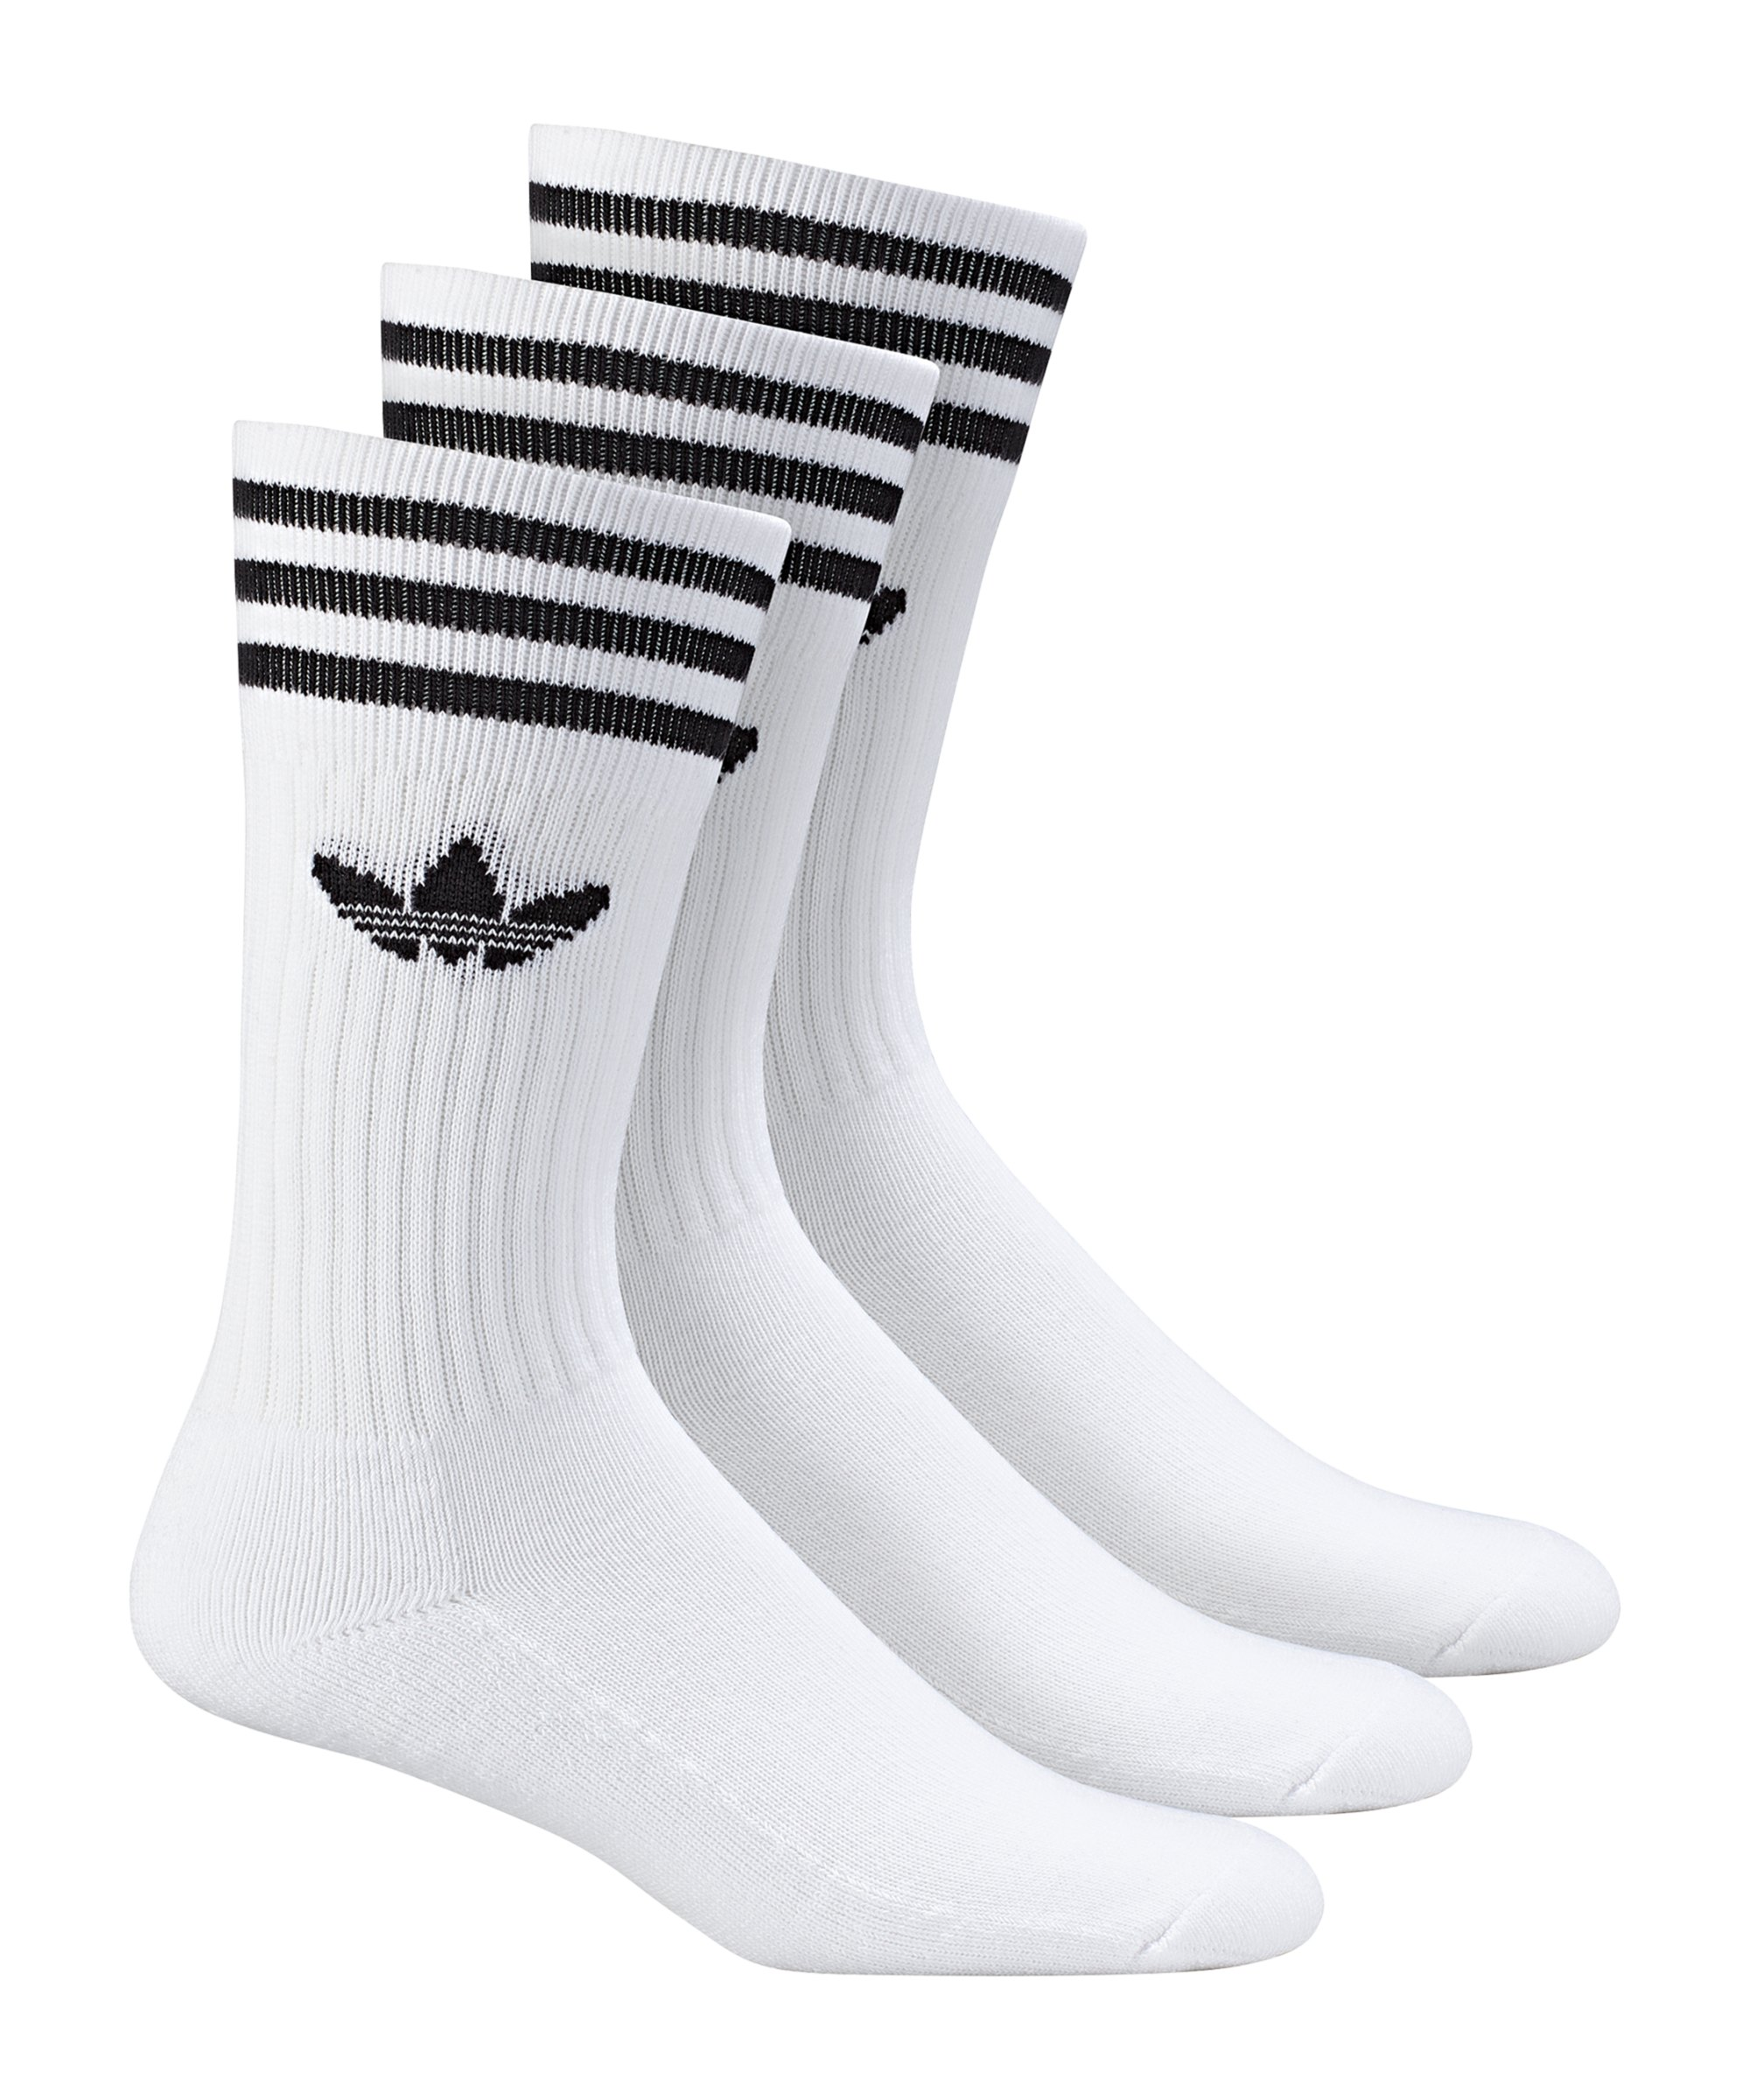 adidas Solid Crew Socken 3er Pack Weiss Schwarz